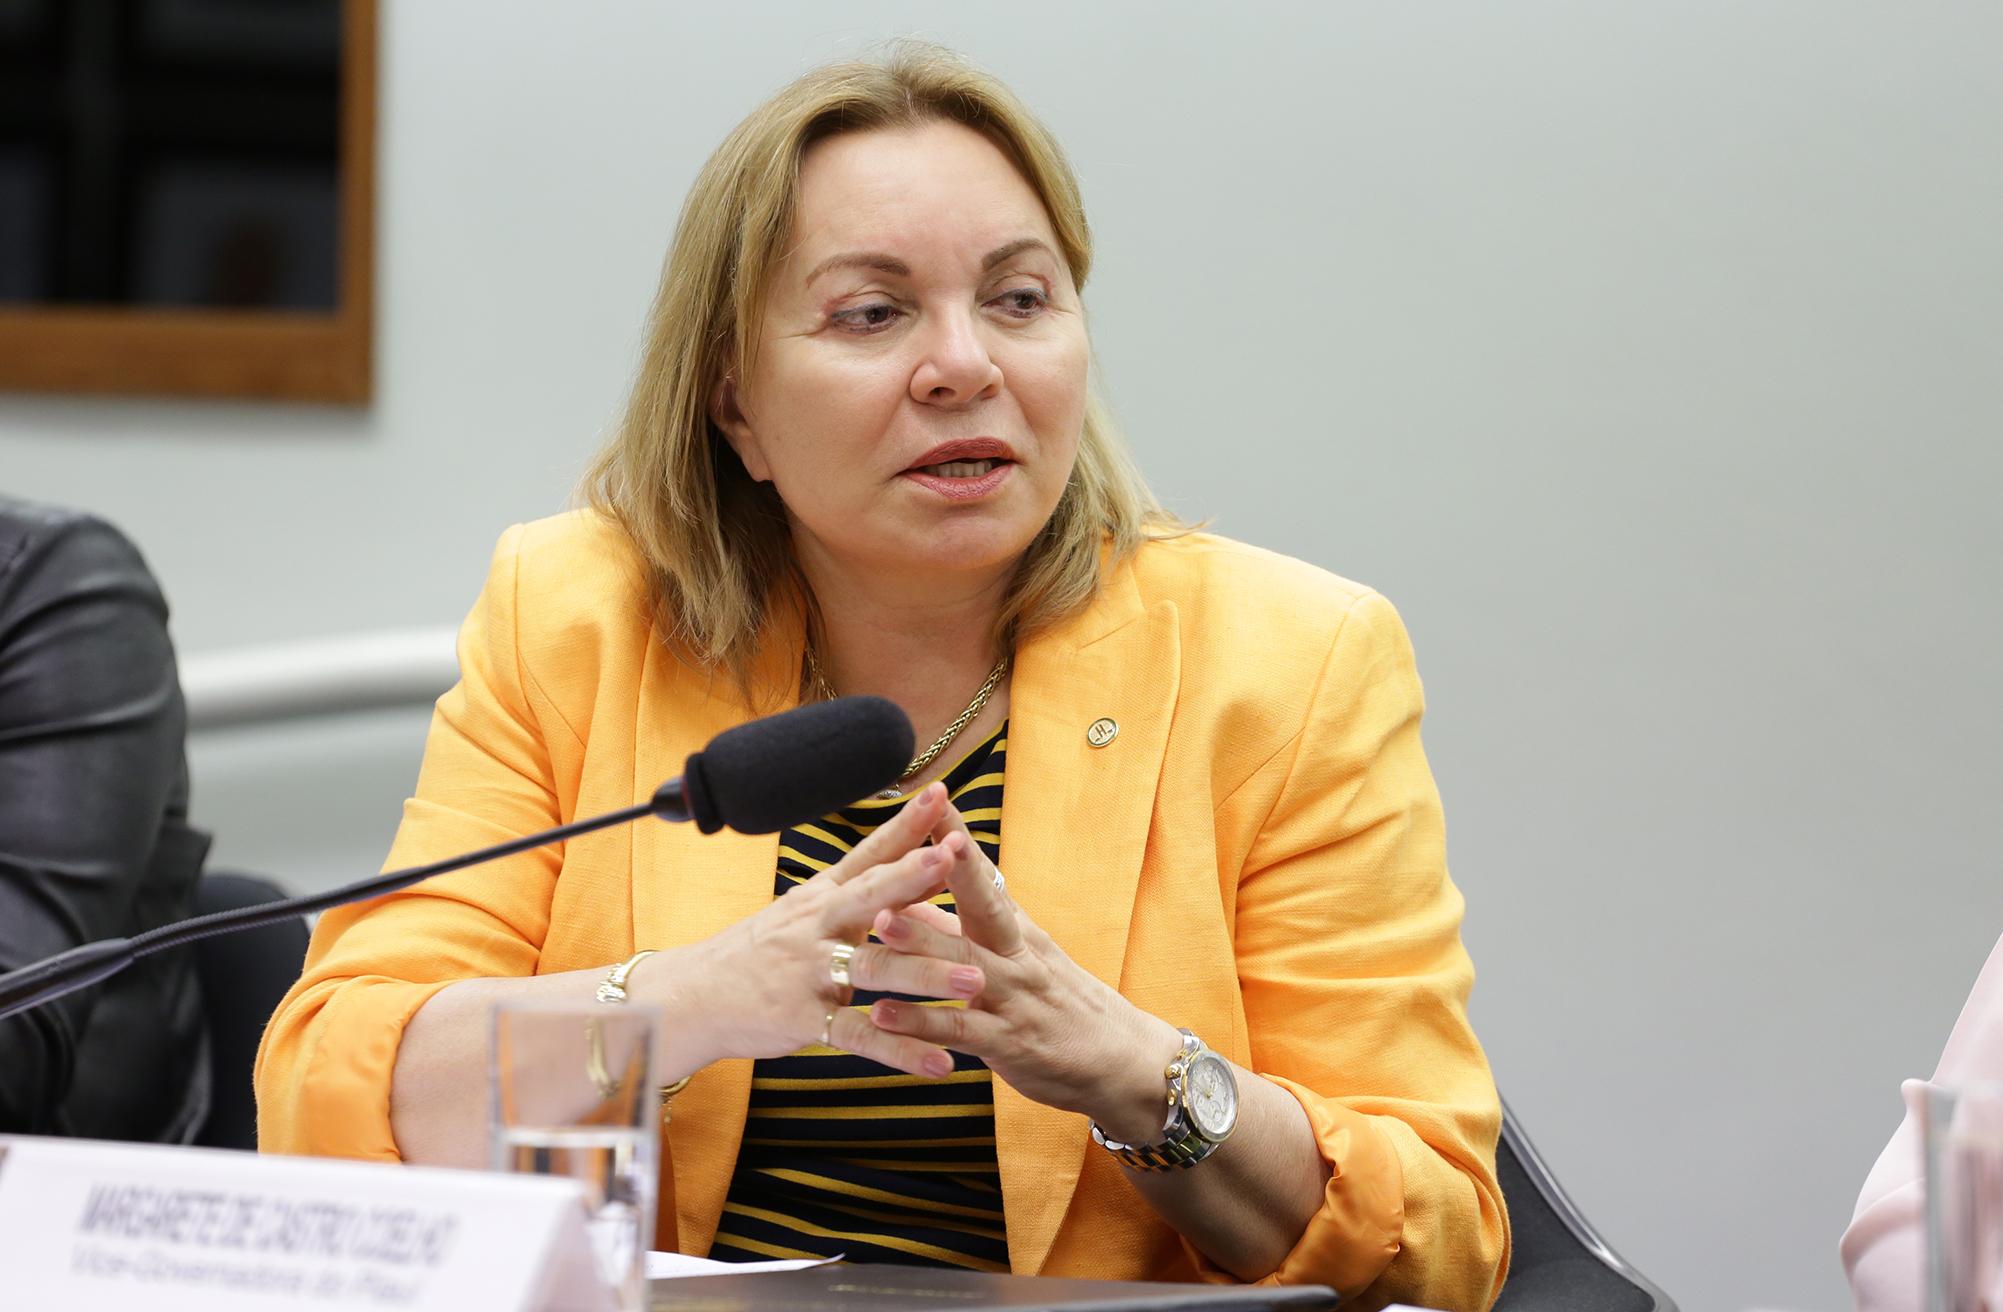 Reunião da Comissão Externa destinada a acompanhar a apuração e as ações vinculadas aos crimes de estupro em todo o território nacional. Dep. Gorete Pereira (PR-CE)